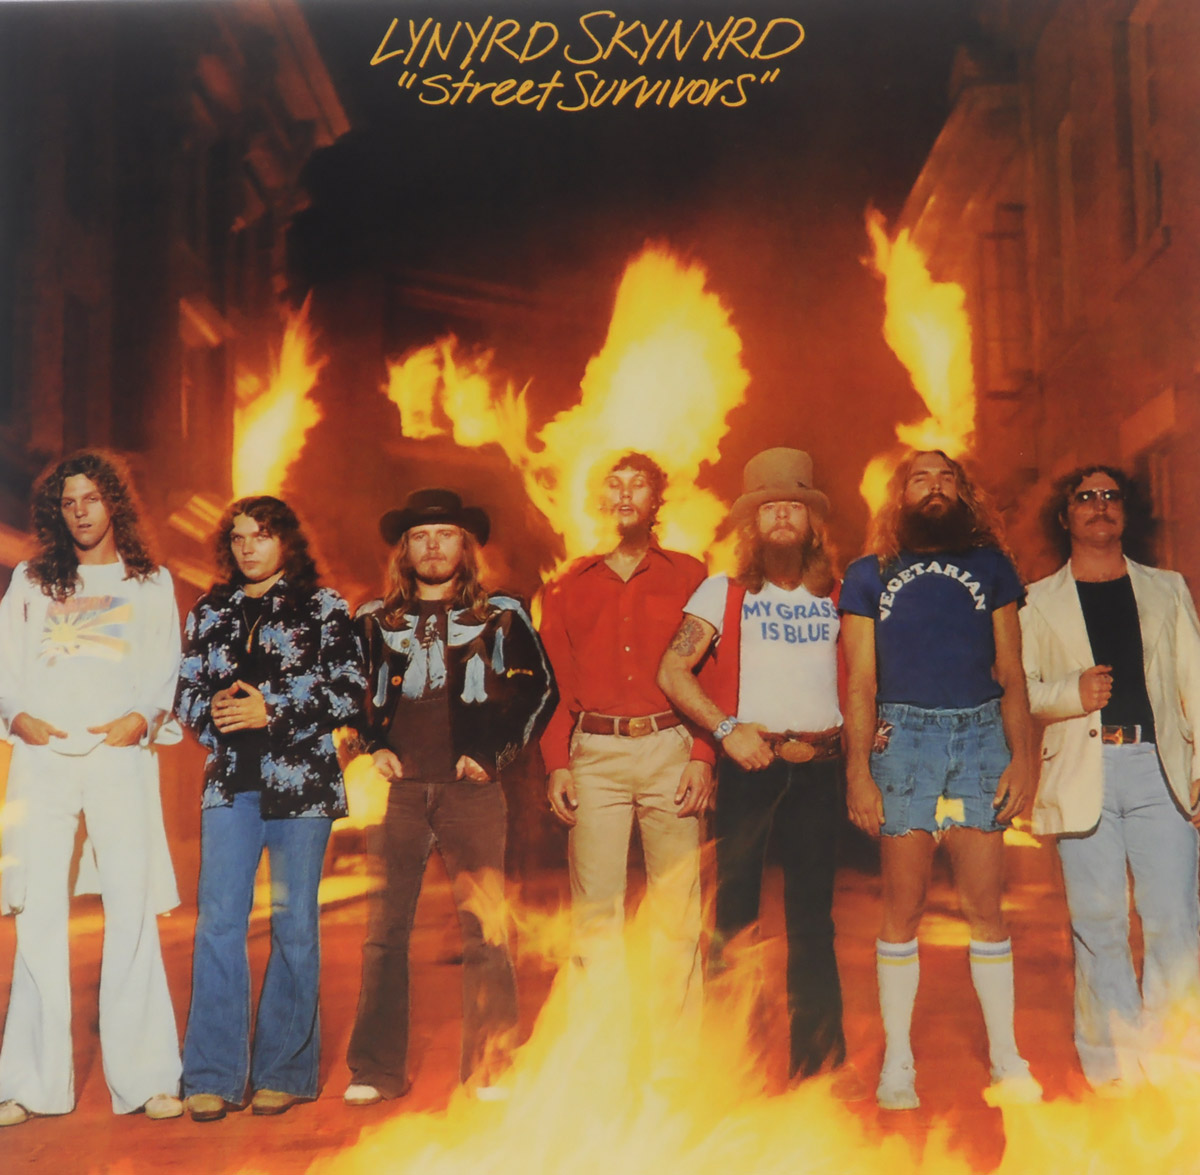 Lynyrd Skynyrd Lynyrd Skynyrd. Street Survivors (LP) lynyrd skynyrd lynyrd skynyrd one more from the road 2 lp